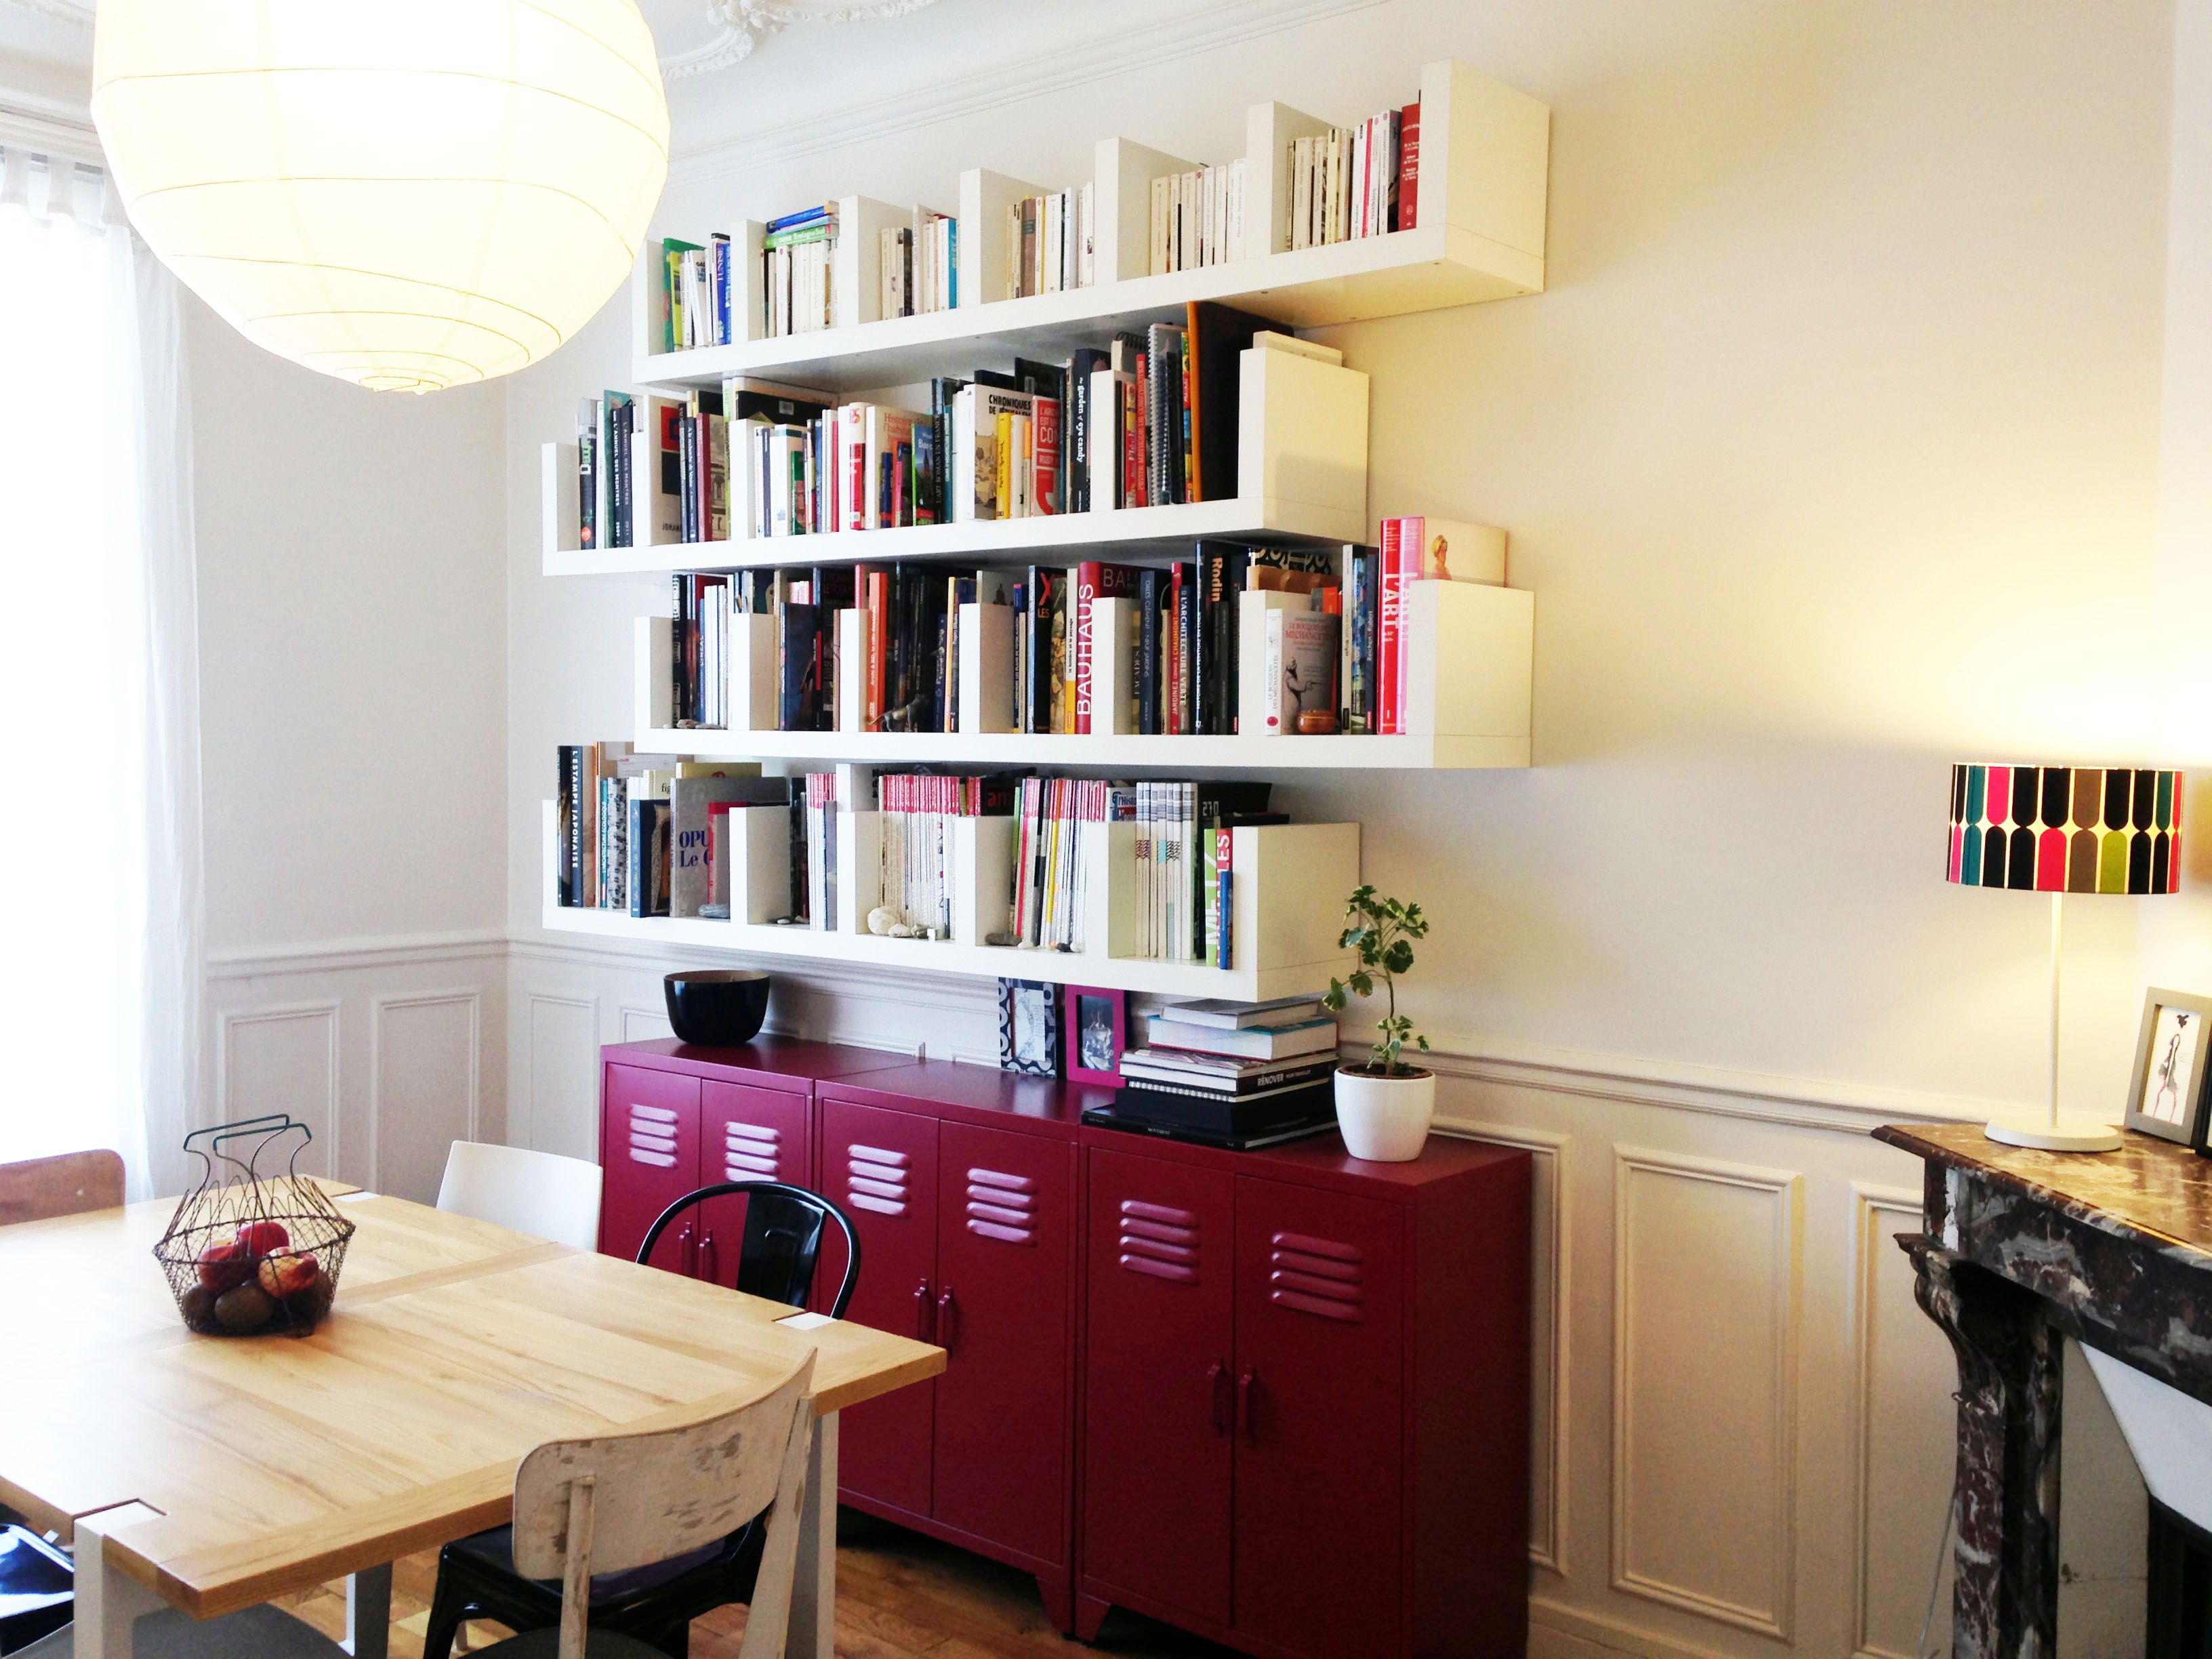 100 Fantastique Suggestions Bibliothèque Dans Salle À Manger